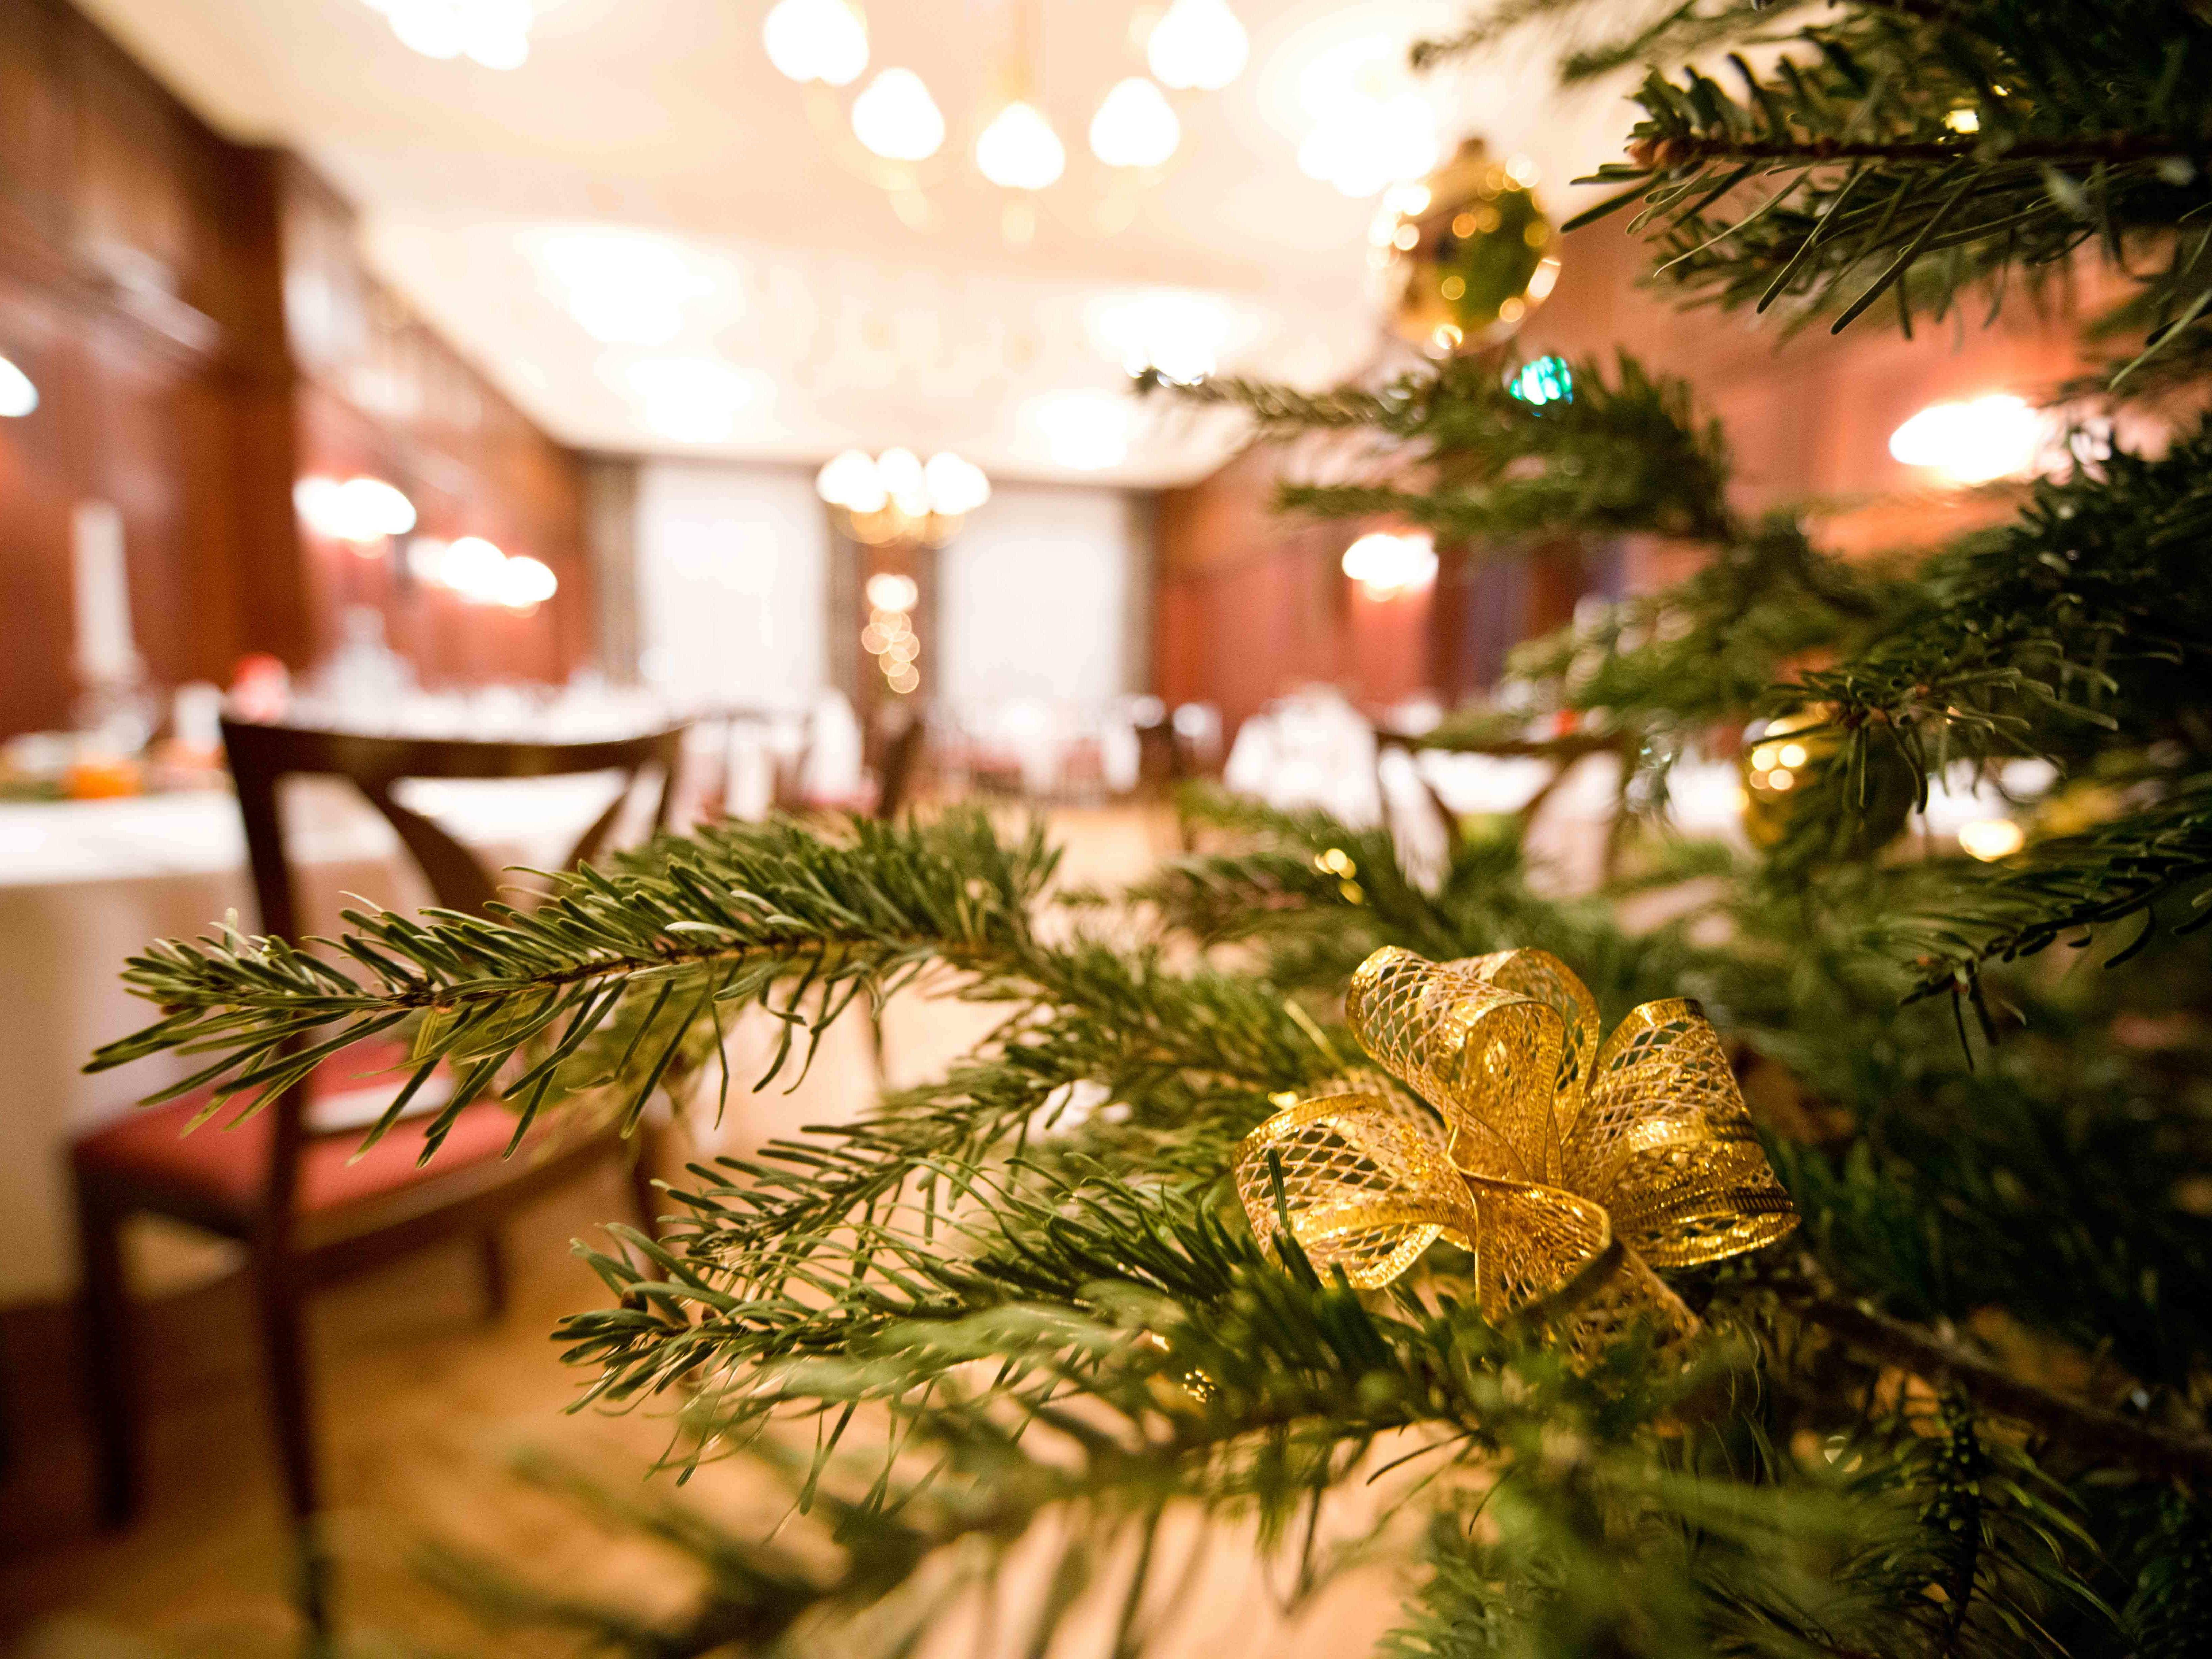 Hotel Albrechtshof Berlin Weihnachtsfeier